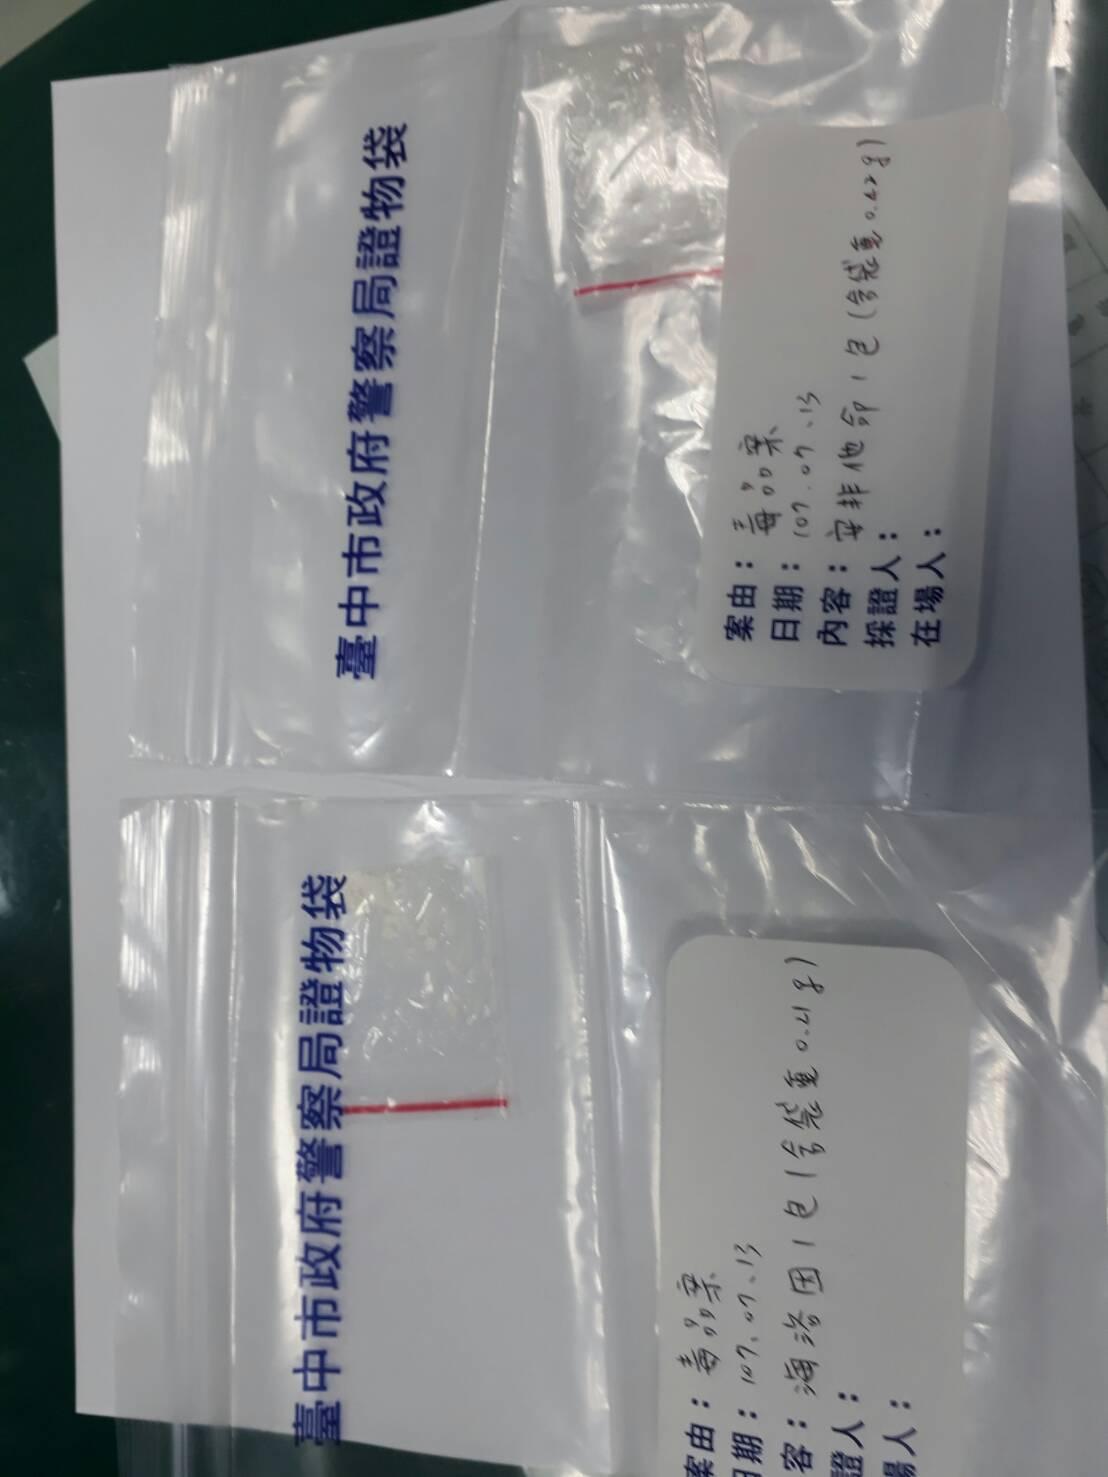 警方現場查扣海洛因、安非他命各1包,分別重約0.21公克與0.42公克。圖/清水...